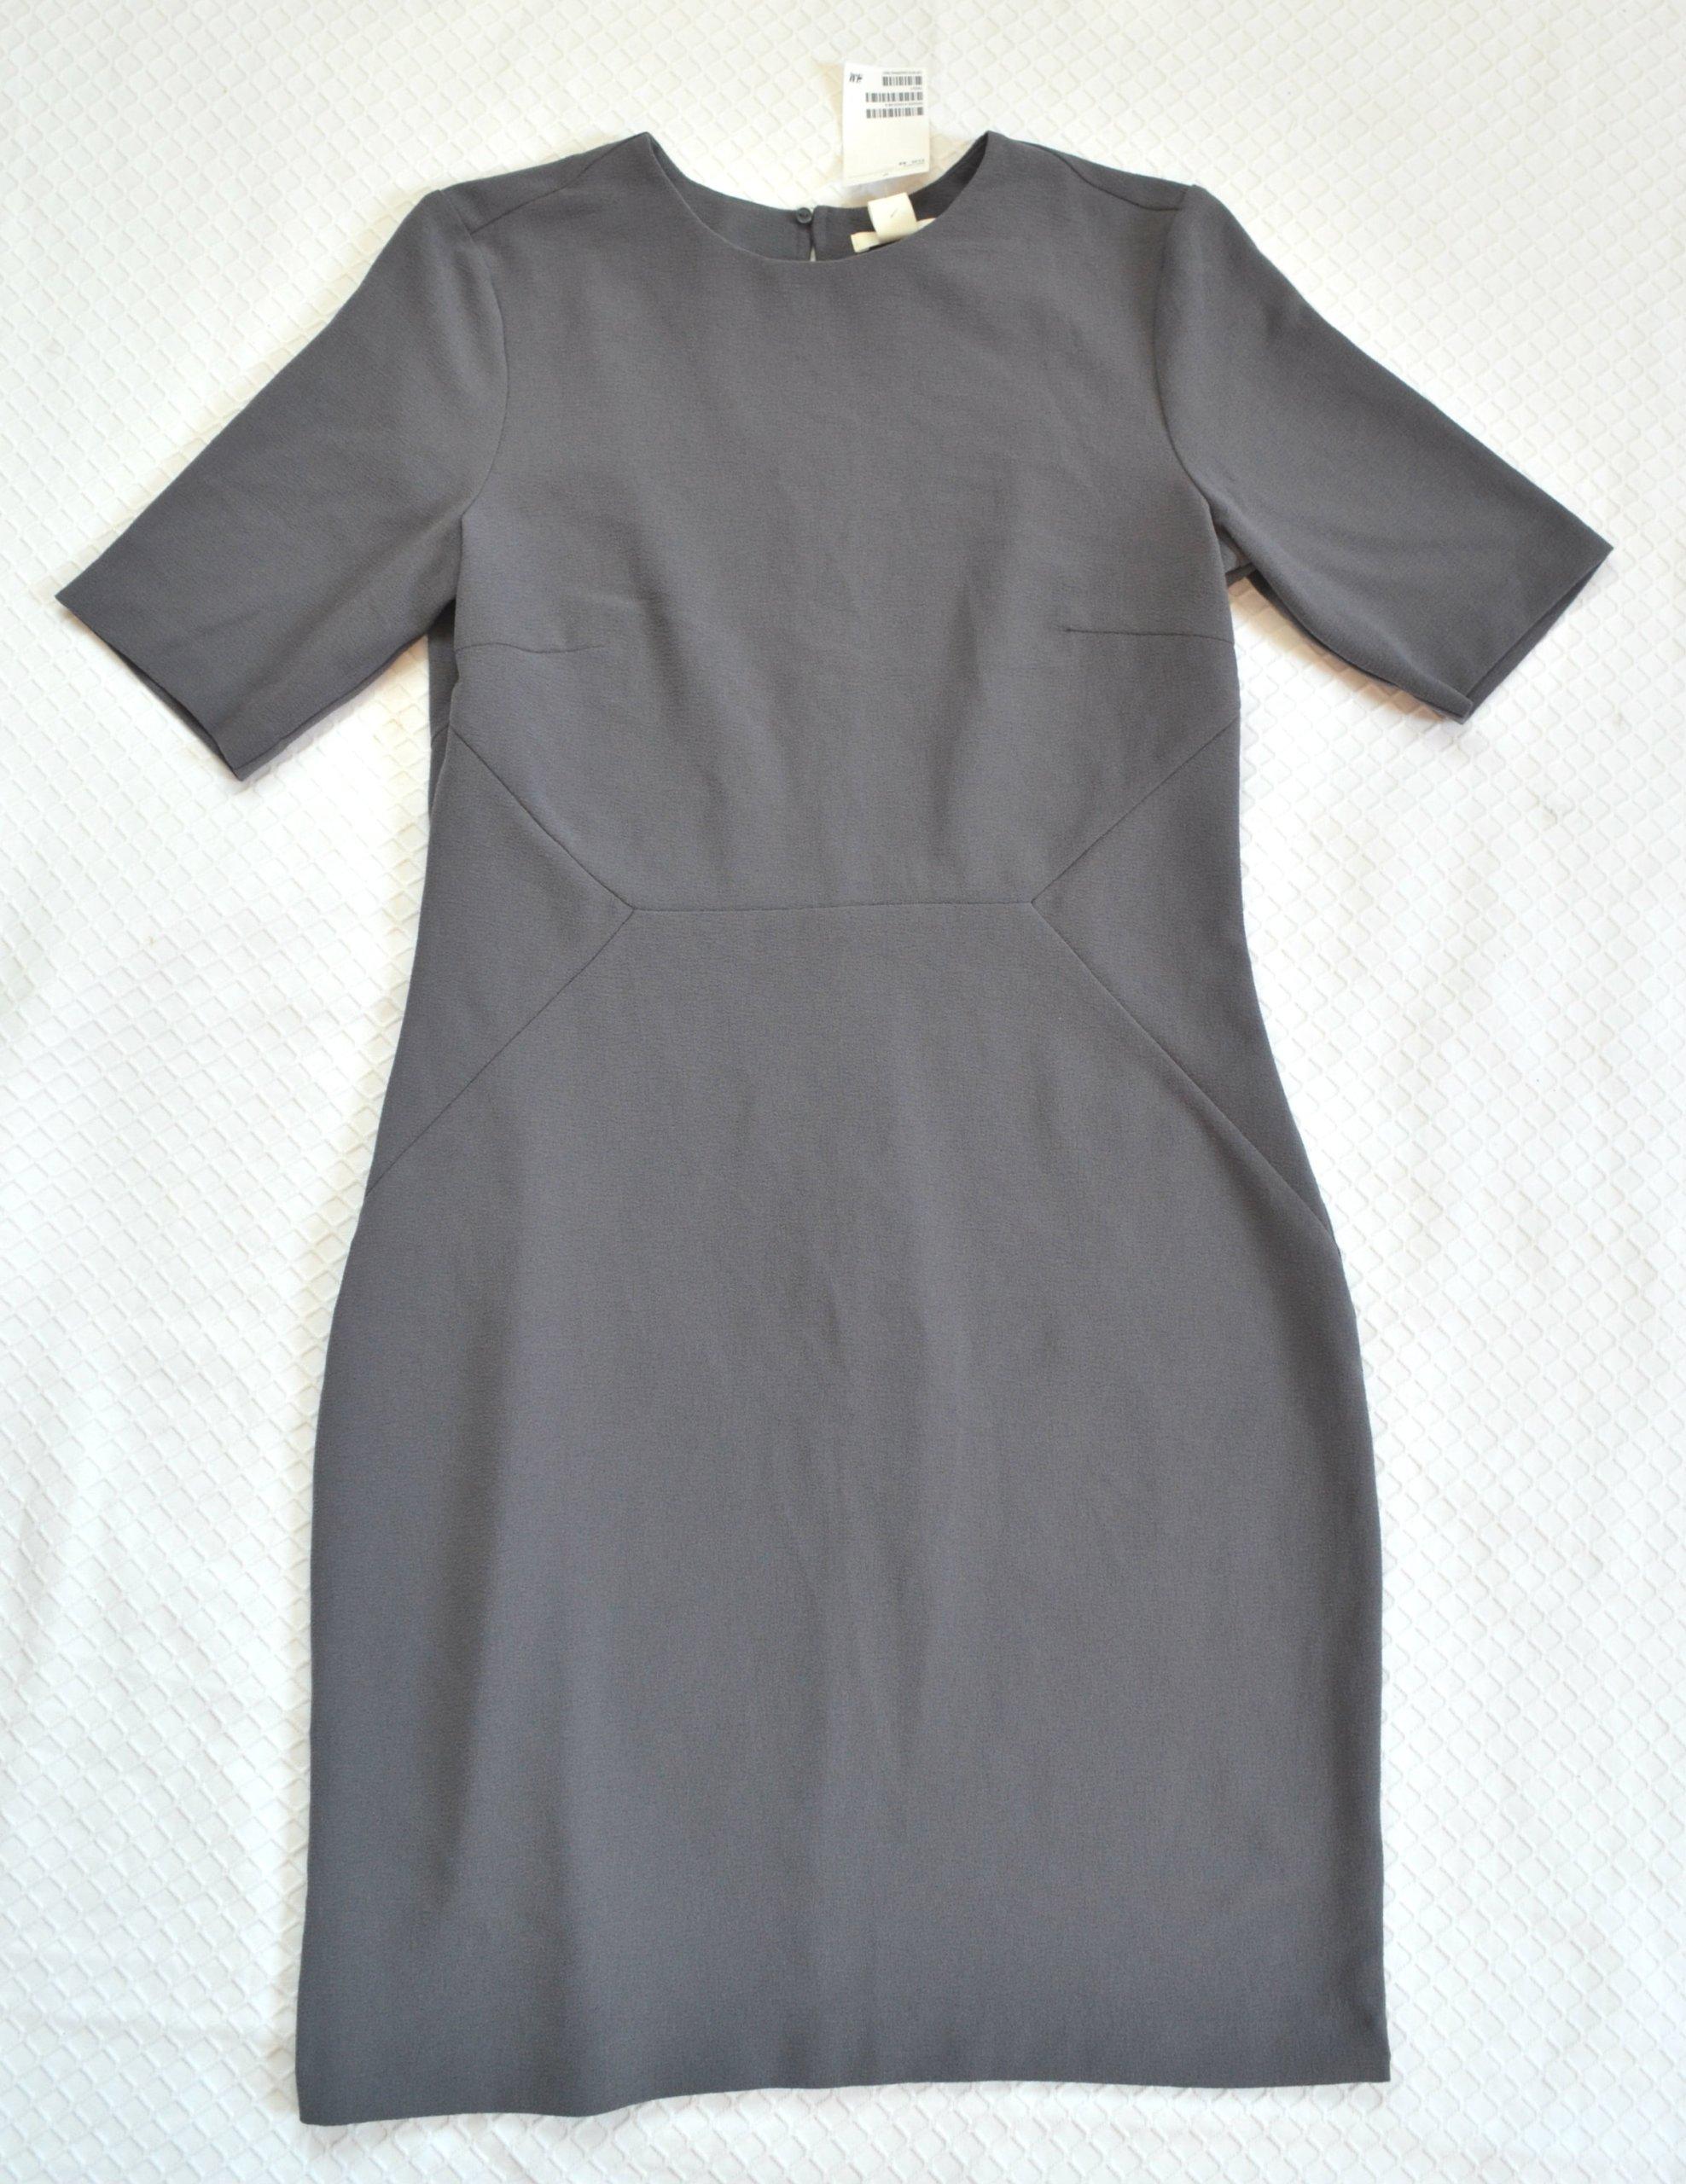 2224d258d1 H M sukienka damska 42 XL nowa z metką szara ! - 7338268086 ...